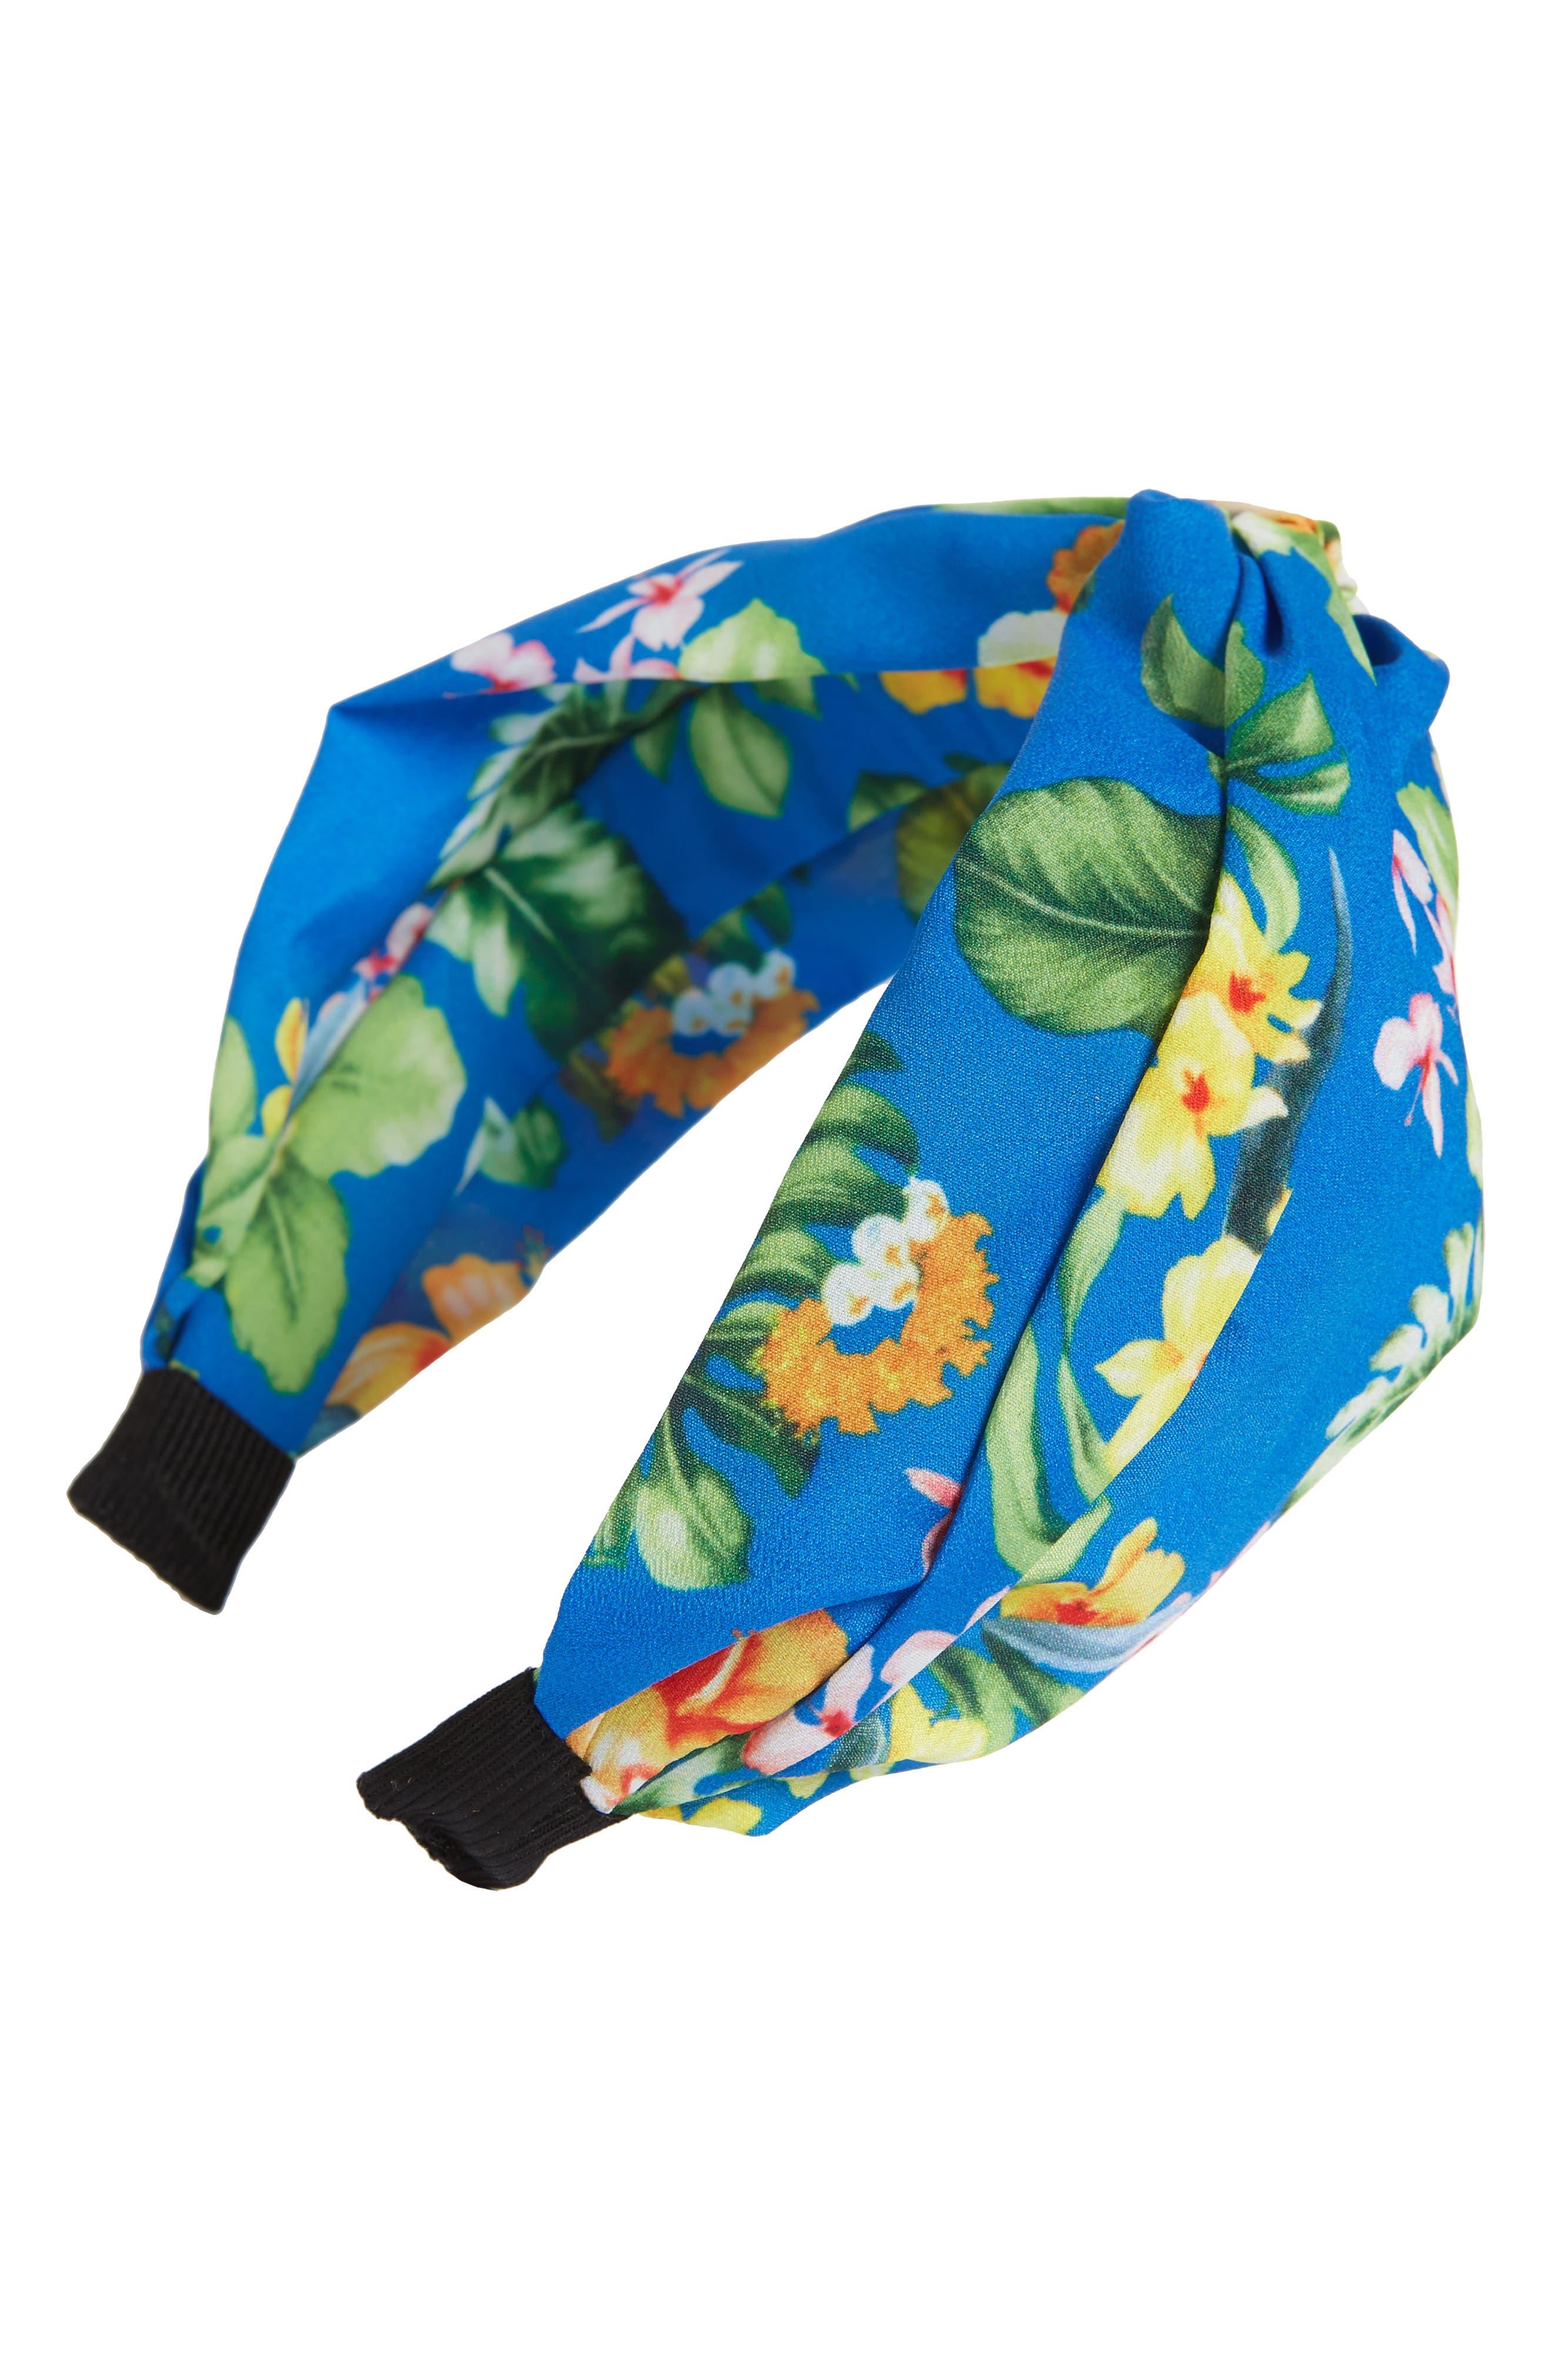 Floral Print Headband,                             Main thumbnail 1, color,                             Navy